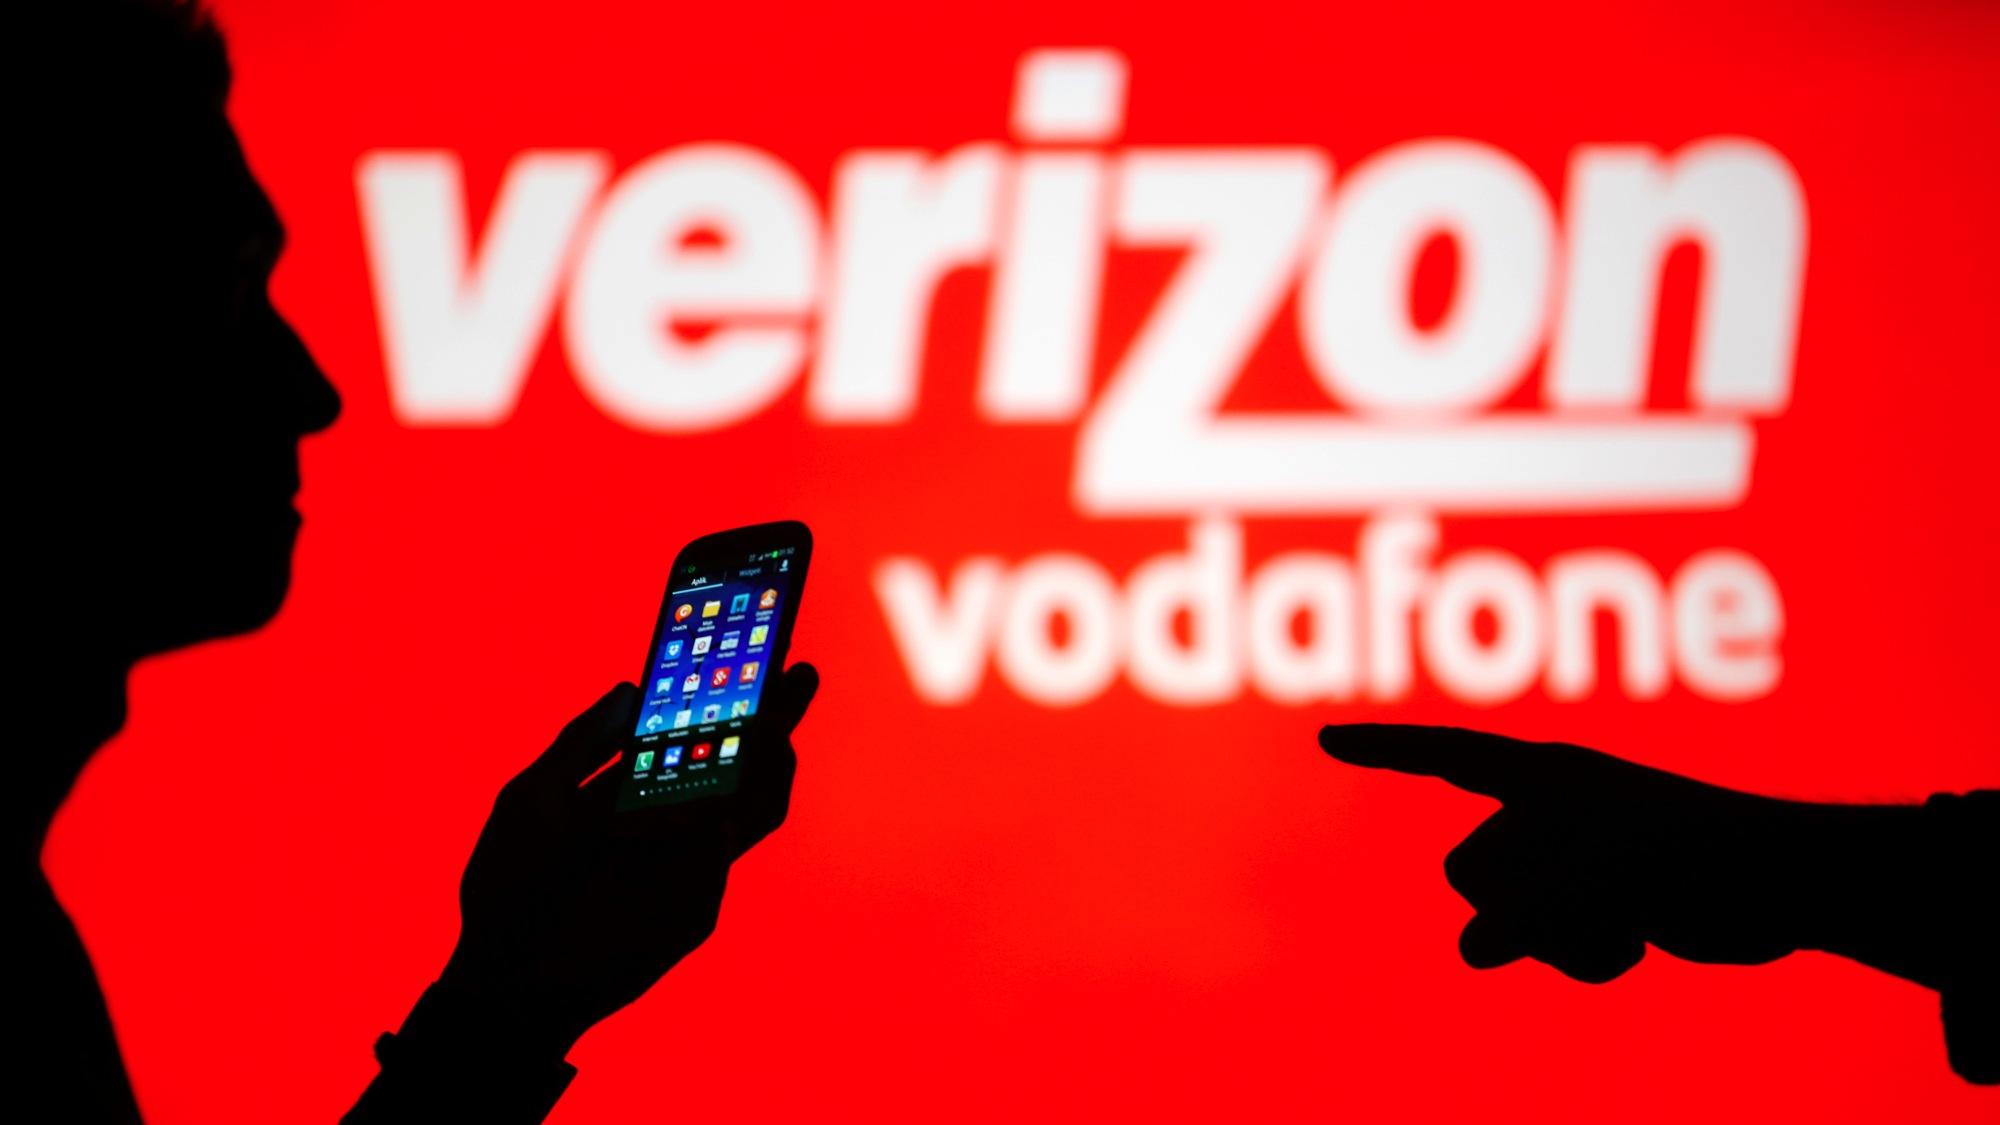 Verizon kills phone contracts, ends subsidies — Quartz